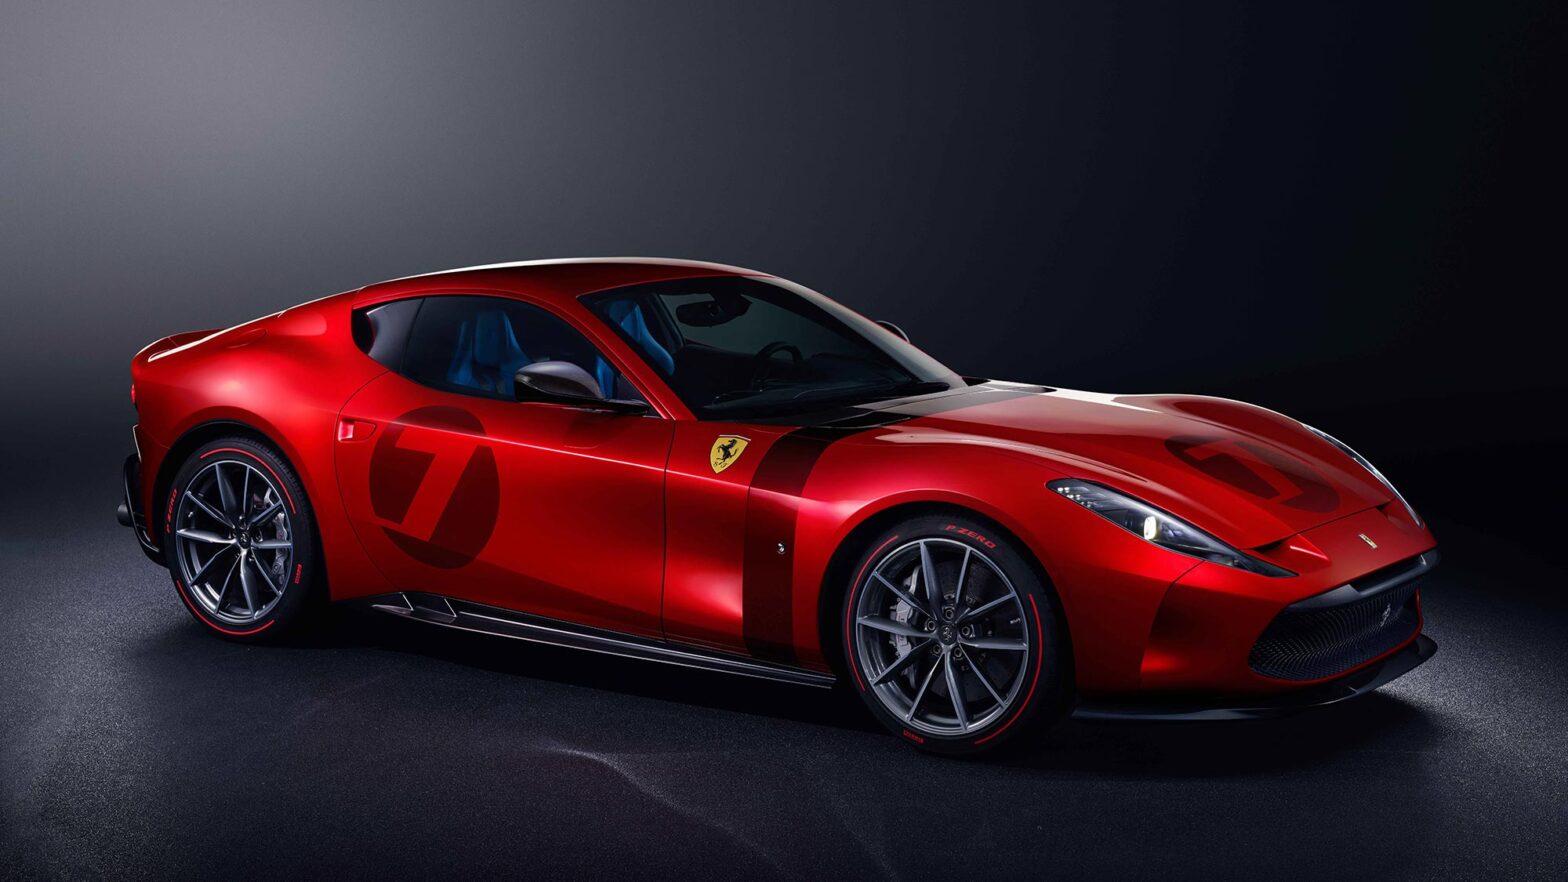 One-off Bespoke Ferrari Omologata Supercar